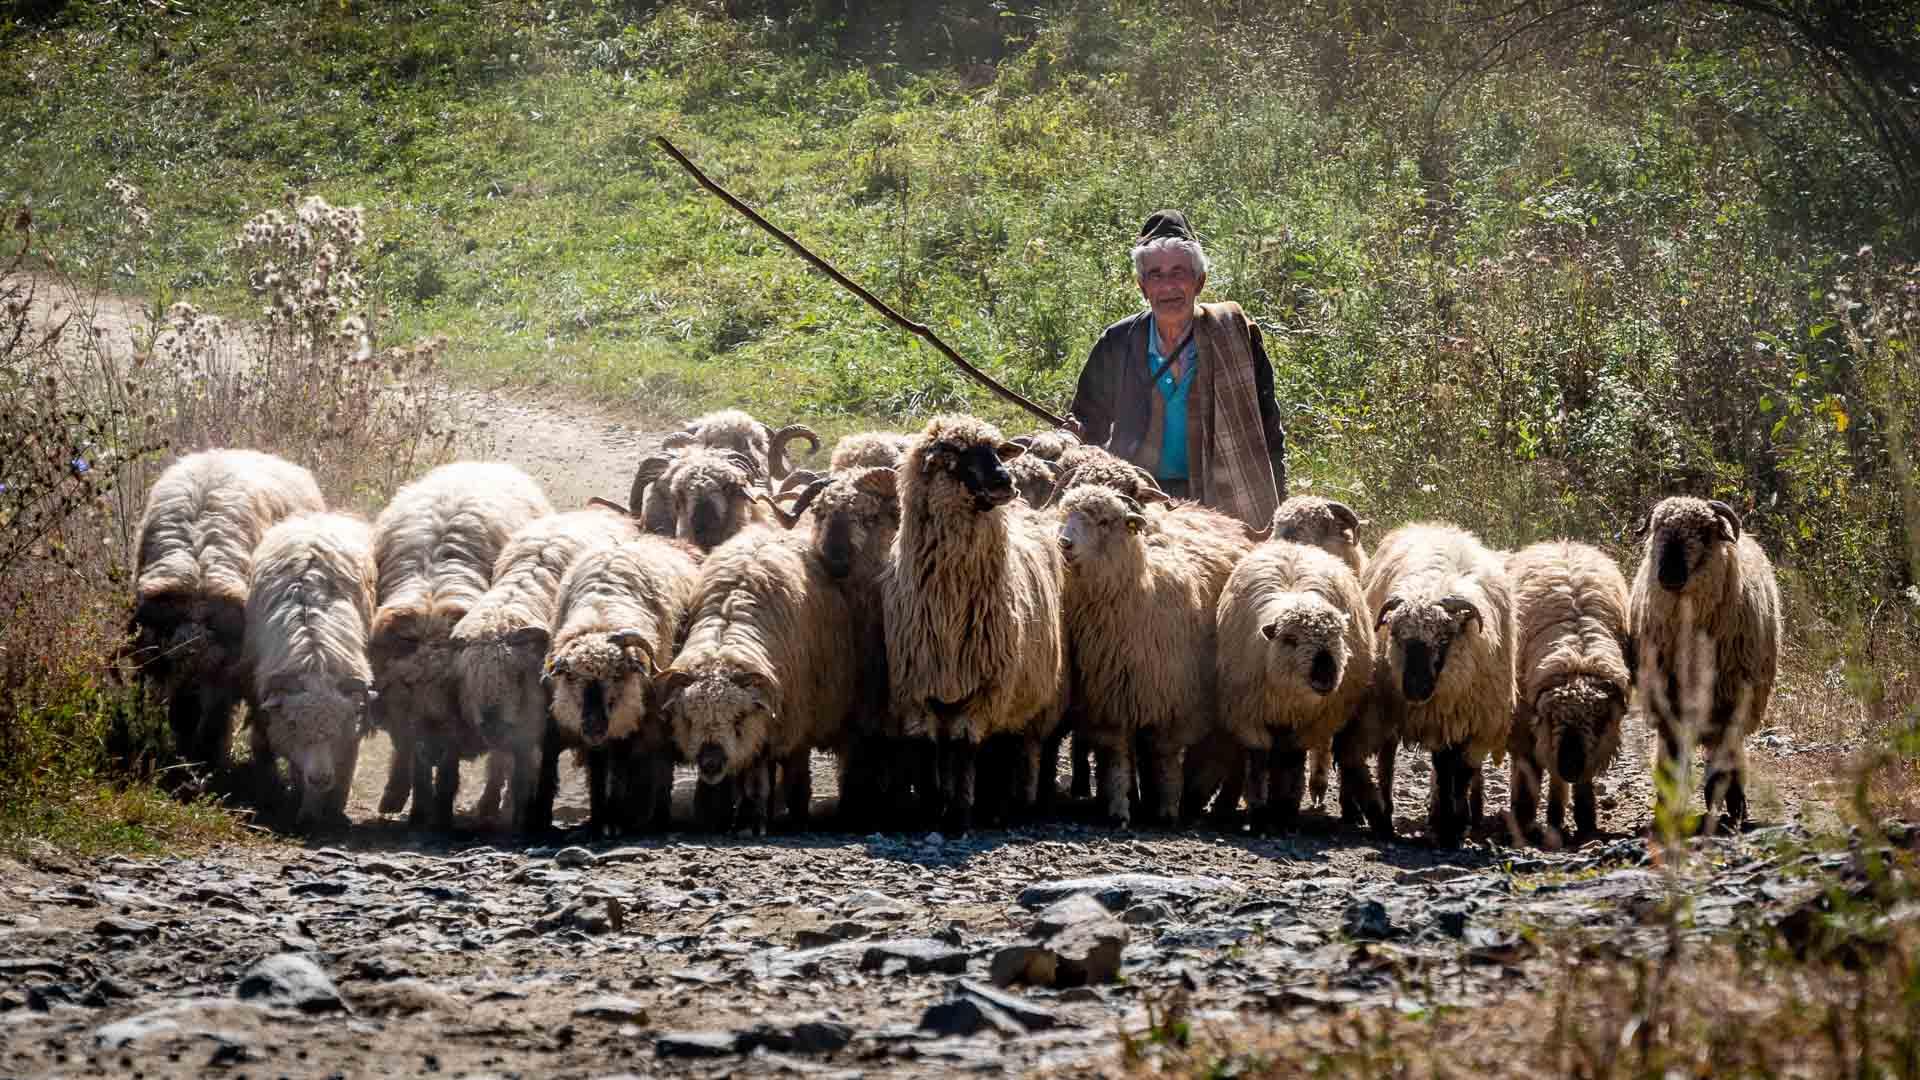 Turme de oi